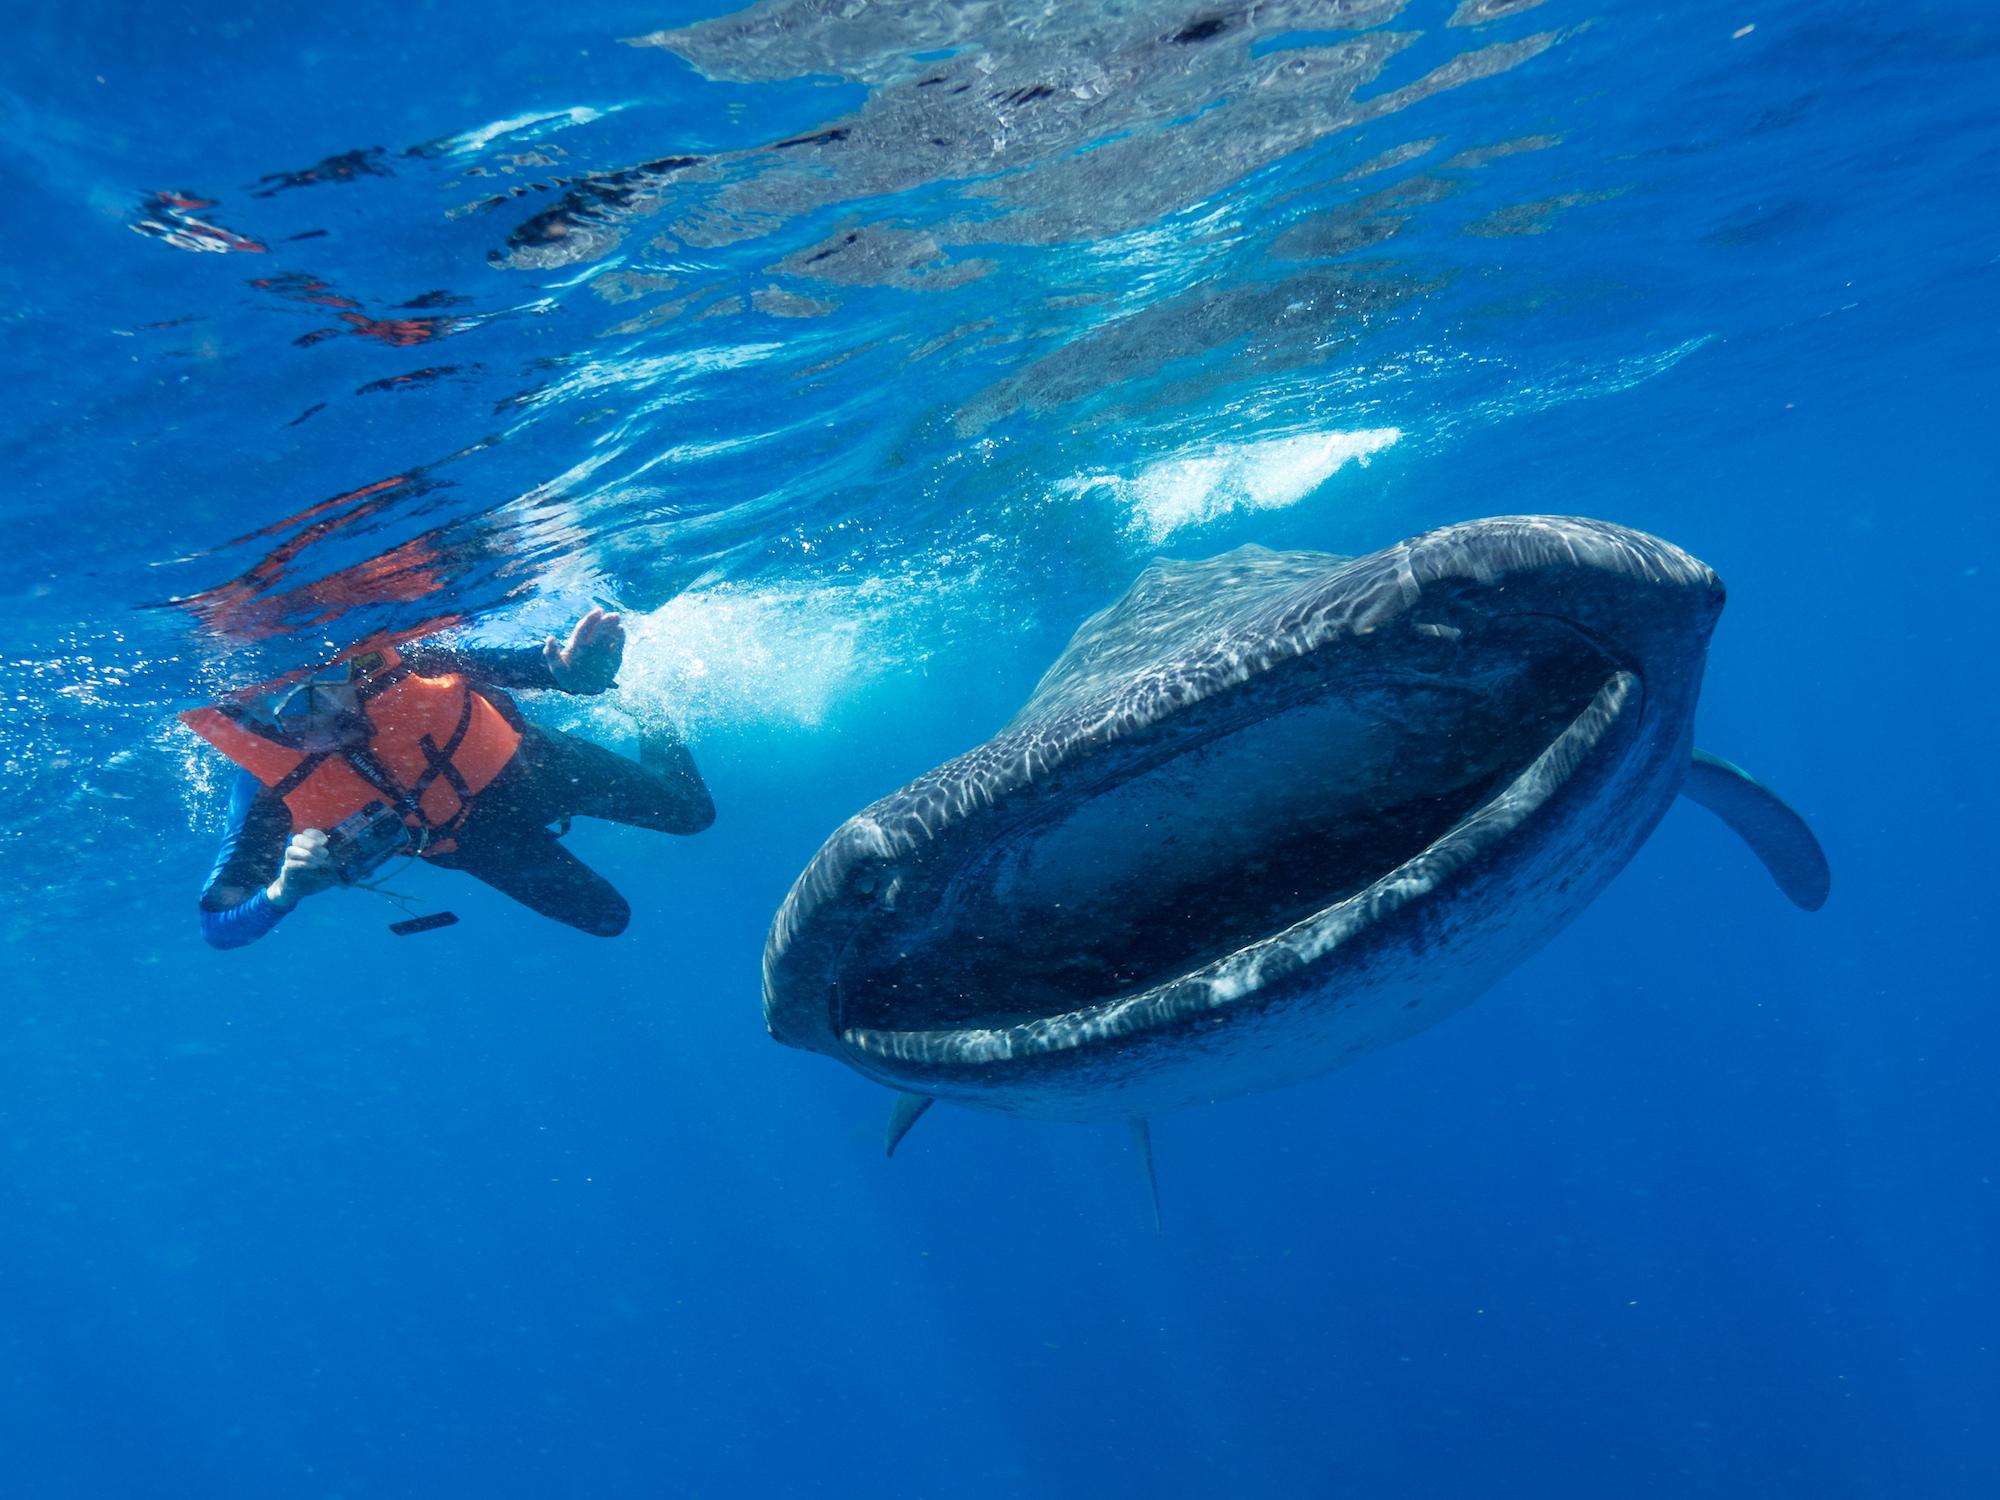 La contaminación con microplásticos puede reducir el número de poblaciones de las especies de megafauna marina. Foto: Fundación Megafauna Marina